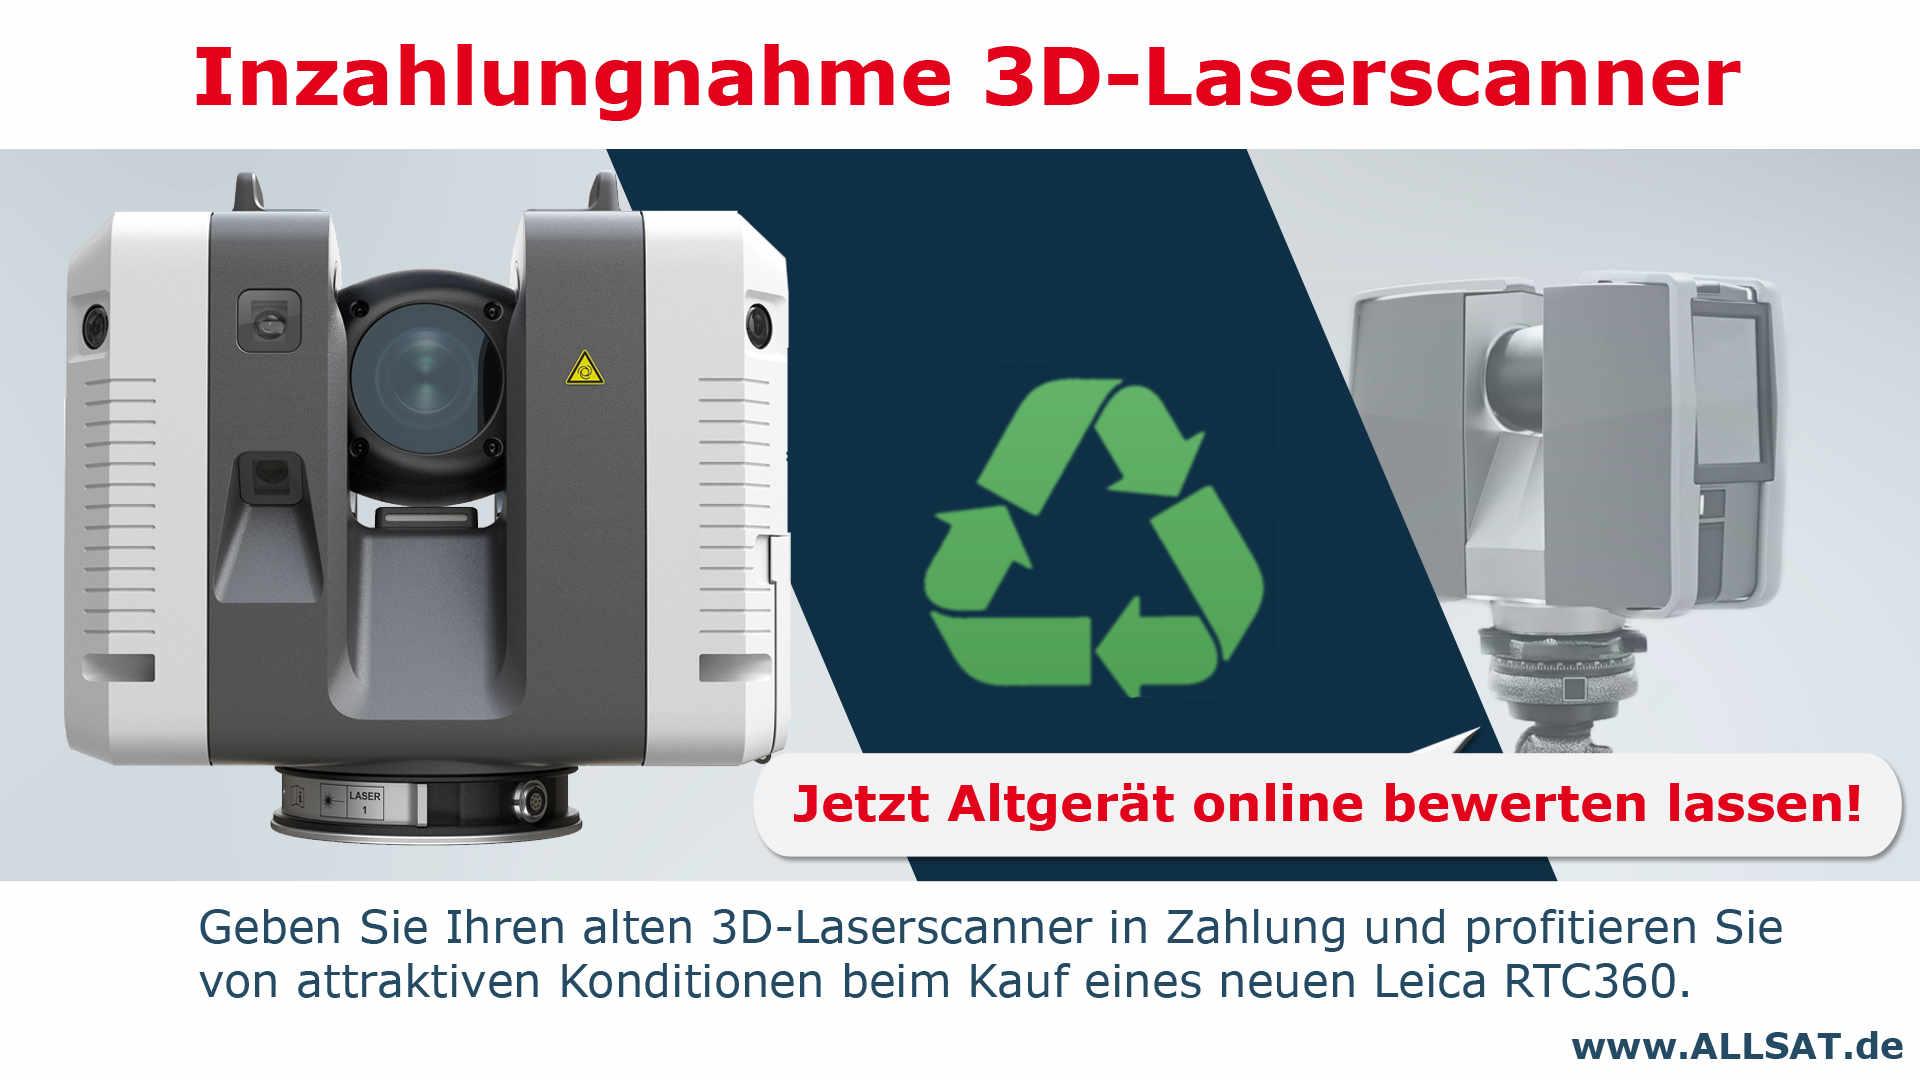 ALLSAT bietet die Inzahlungnahme Ihres 3D-Laserscanners. Bei Kauf eines Leica Geosystems RTC360-Laserscanners nehmen wir Ihr Altgerät ab sofort in Zahlung.